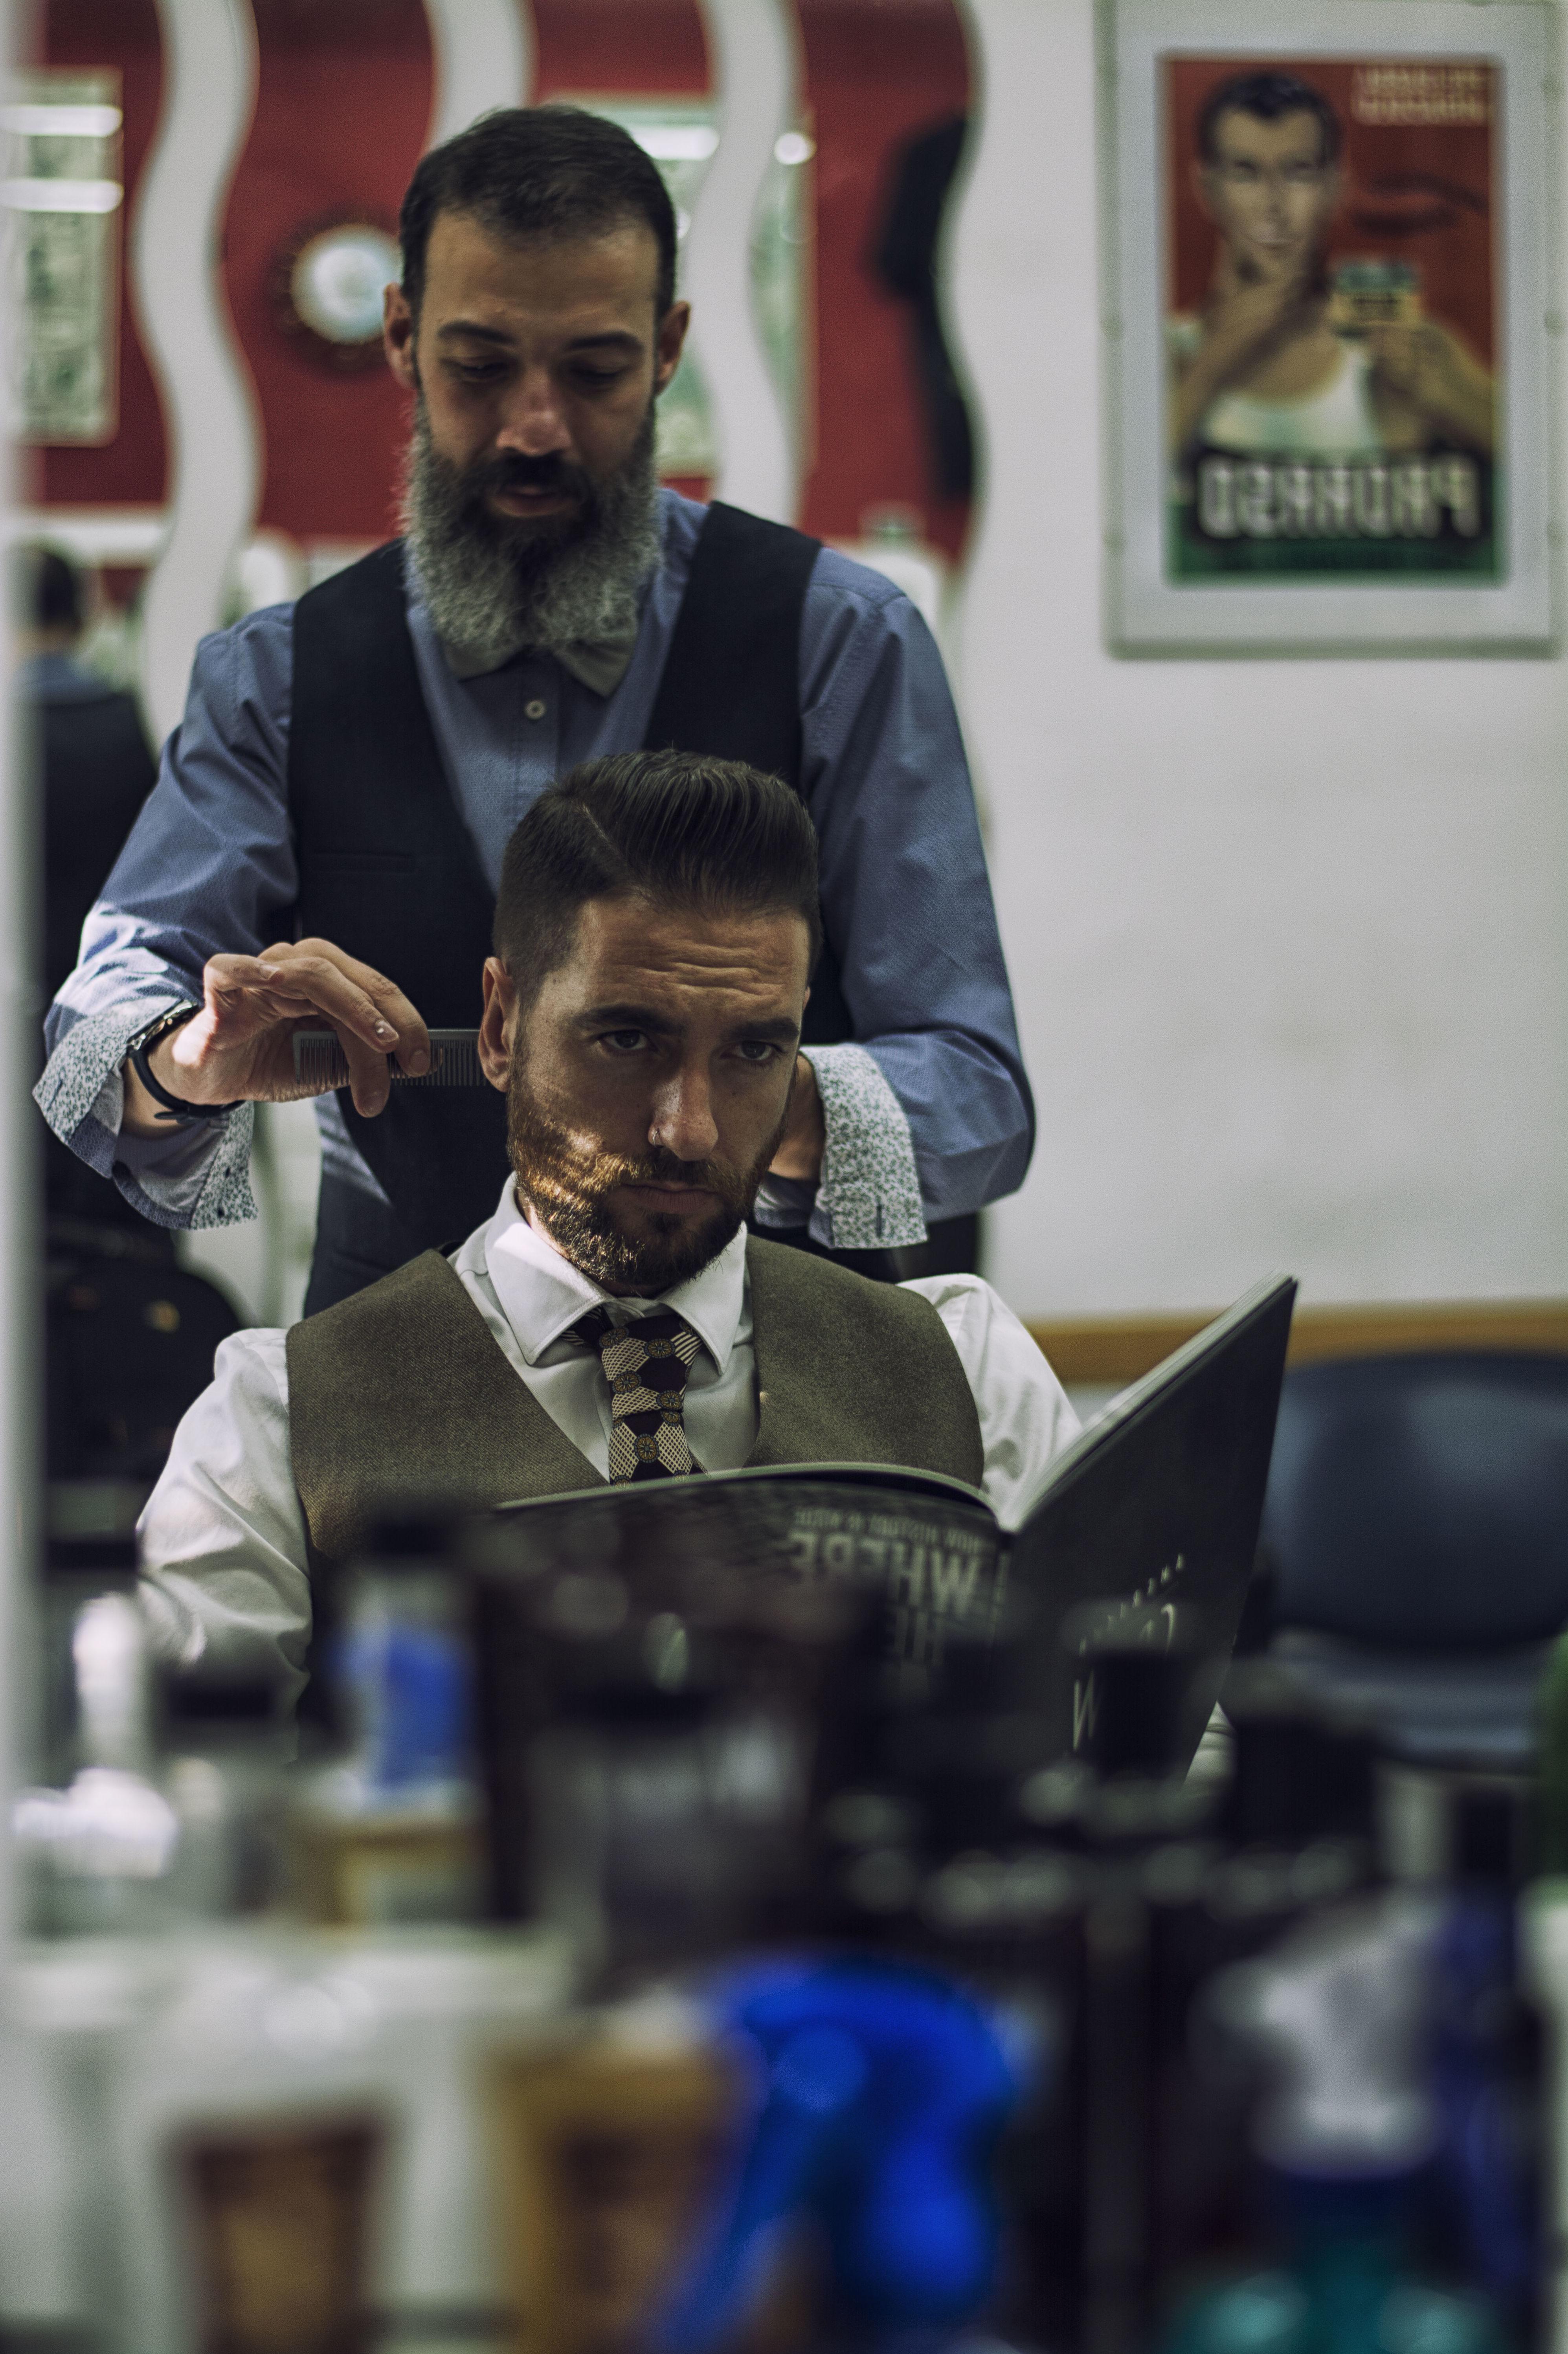 Corte de pelo: Catálogo de Barbería GyC